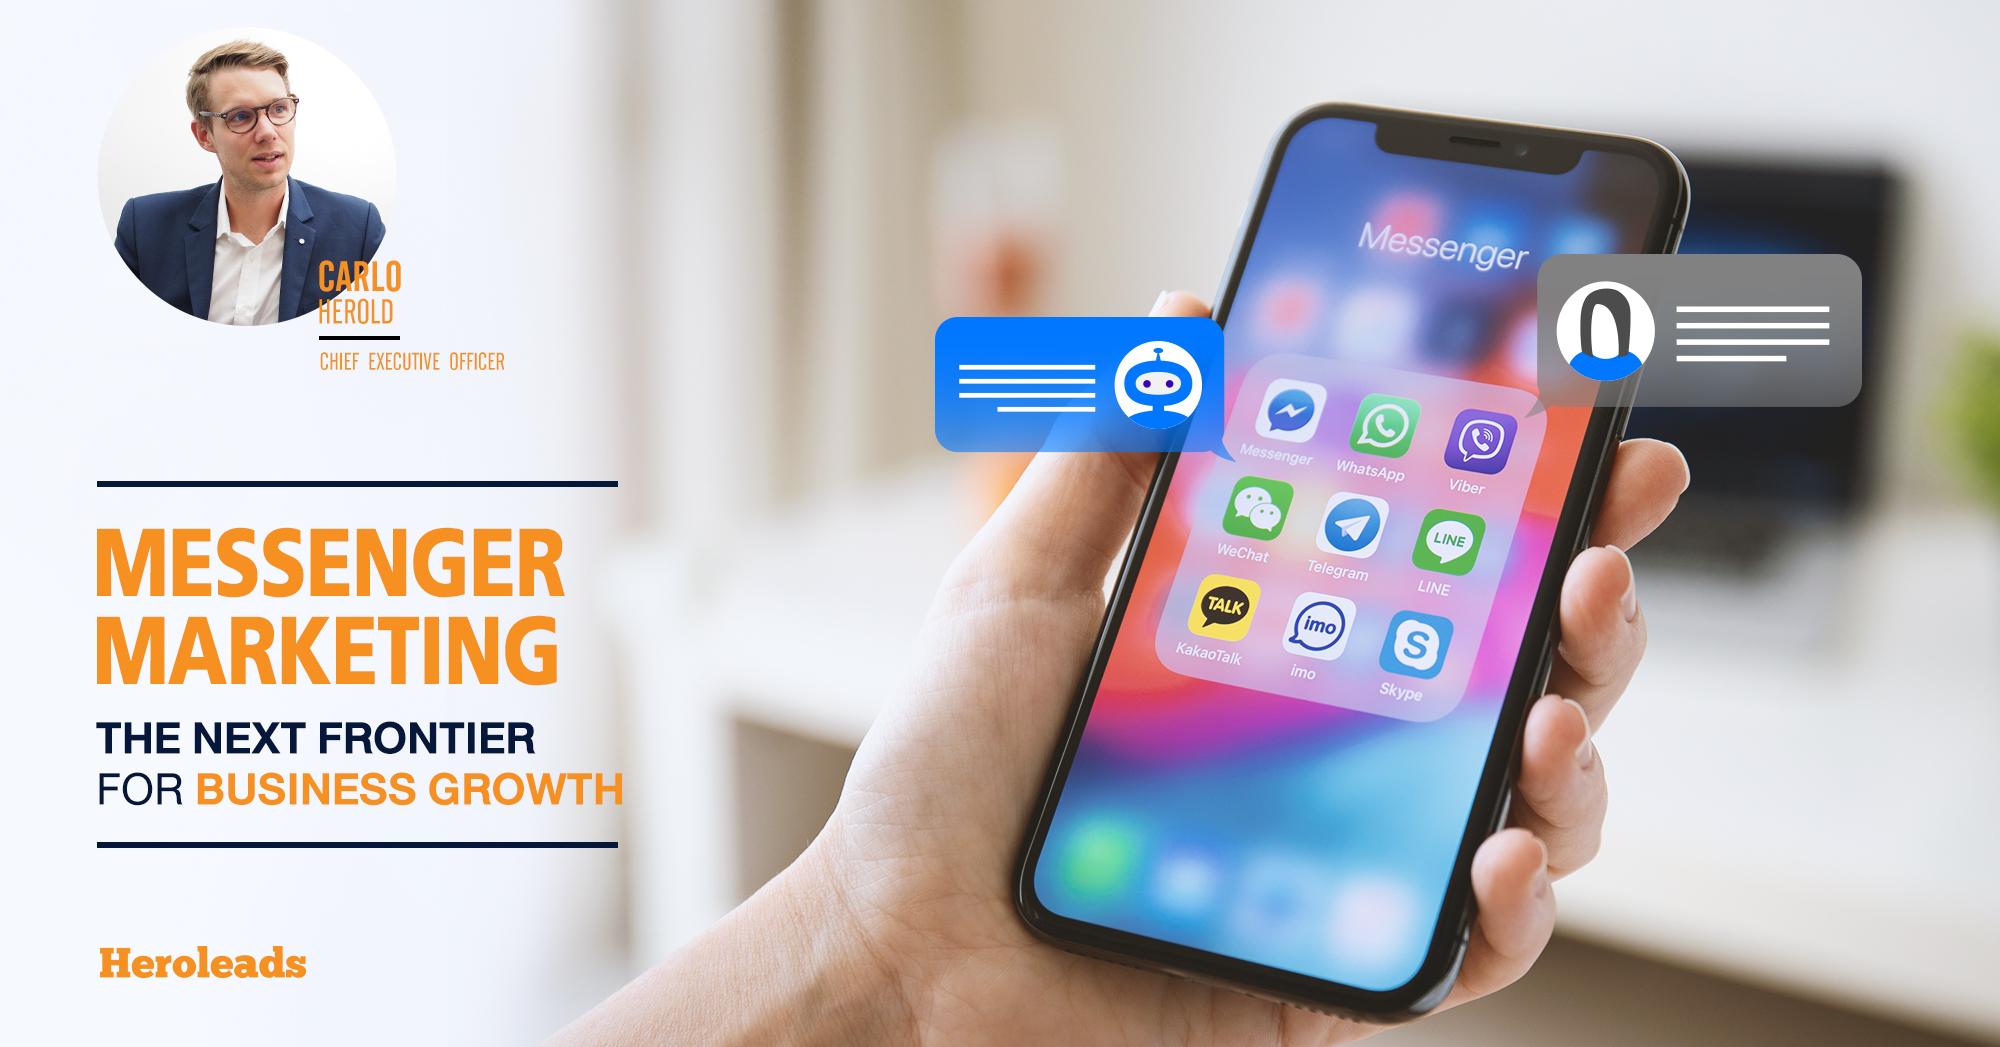 Messenger Marketing, E-commerce, line, facebook, whatapp, web chat